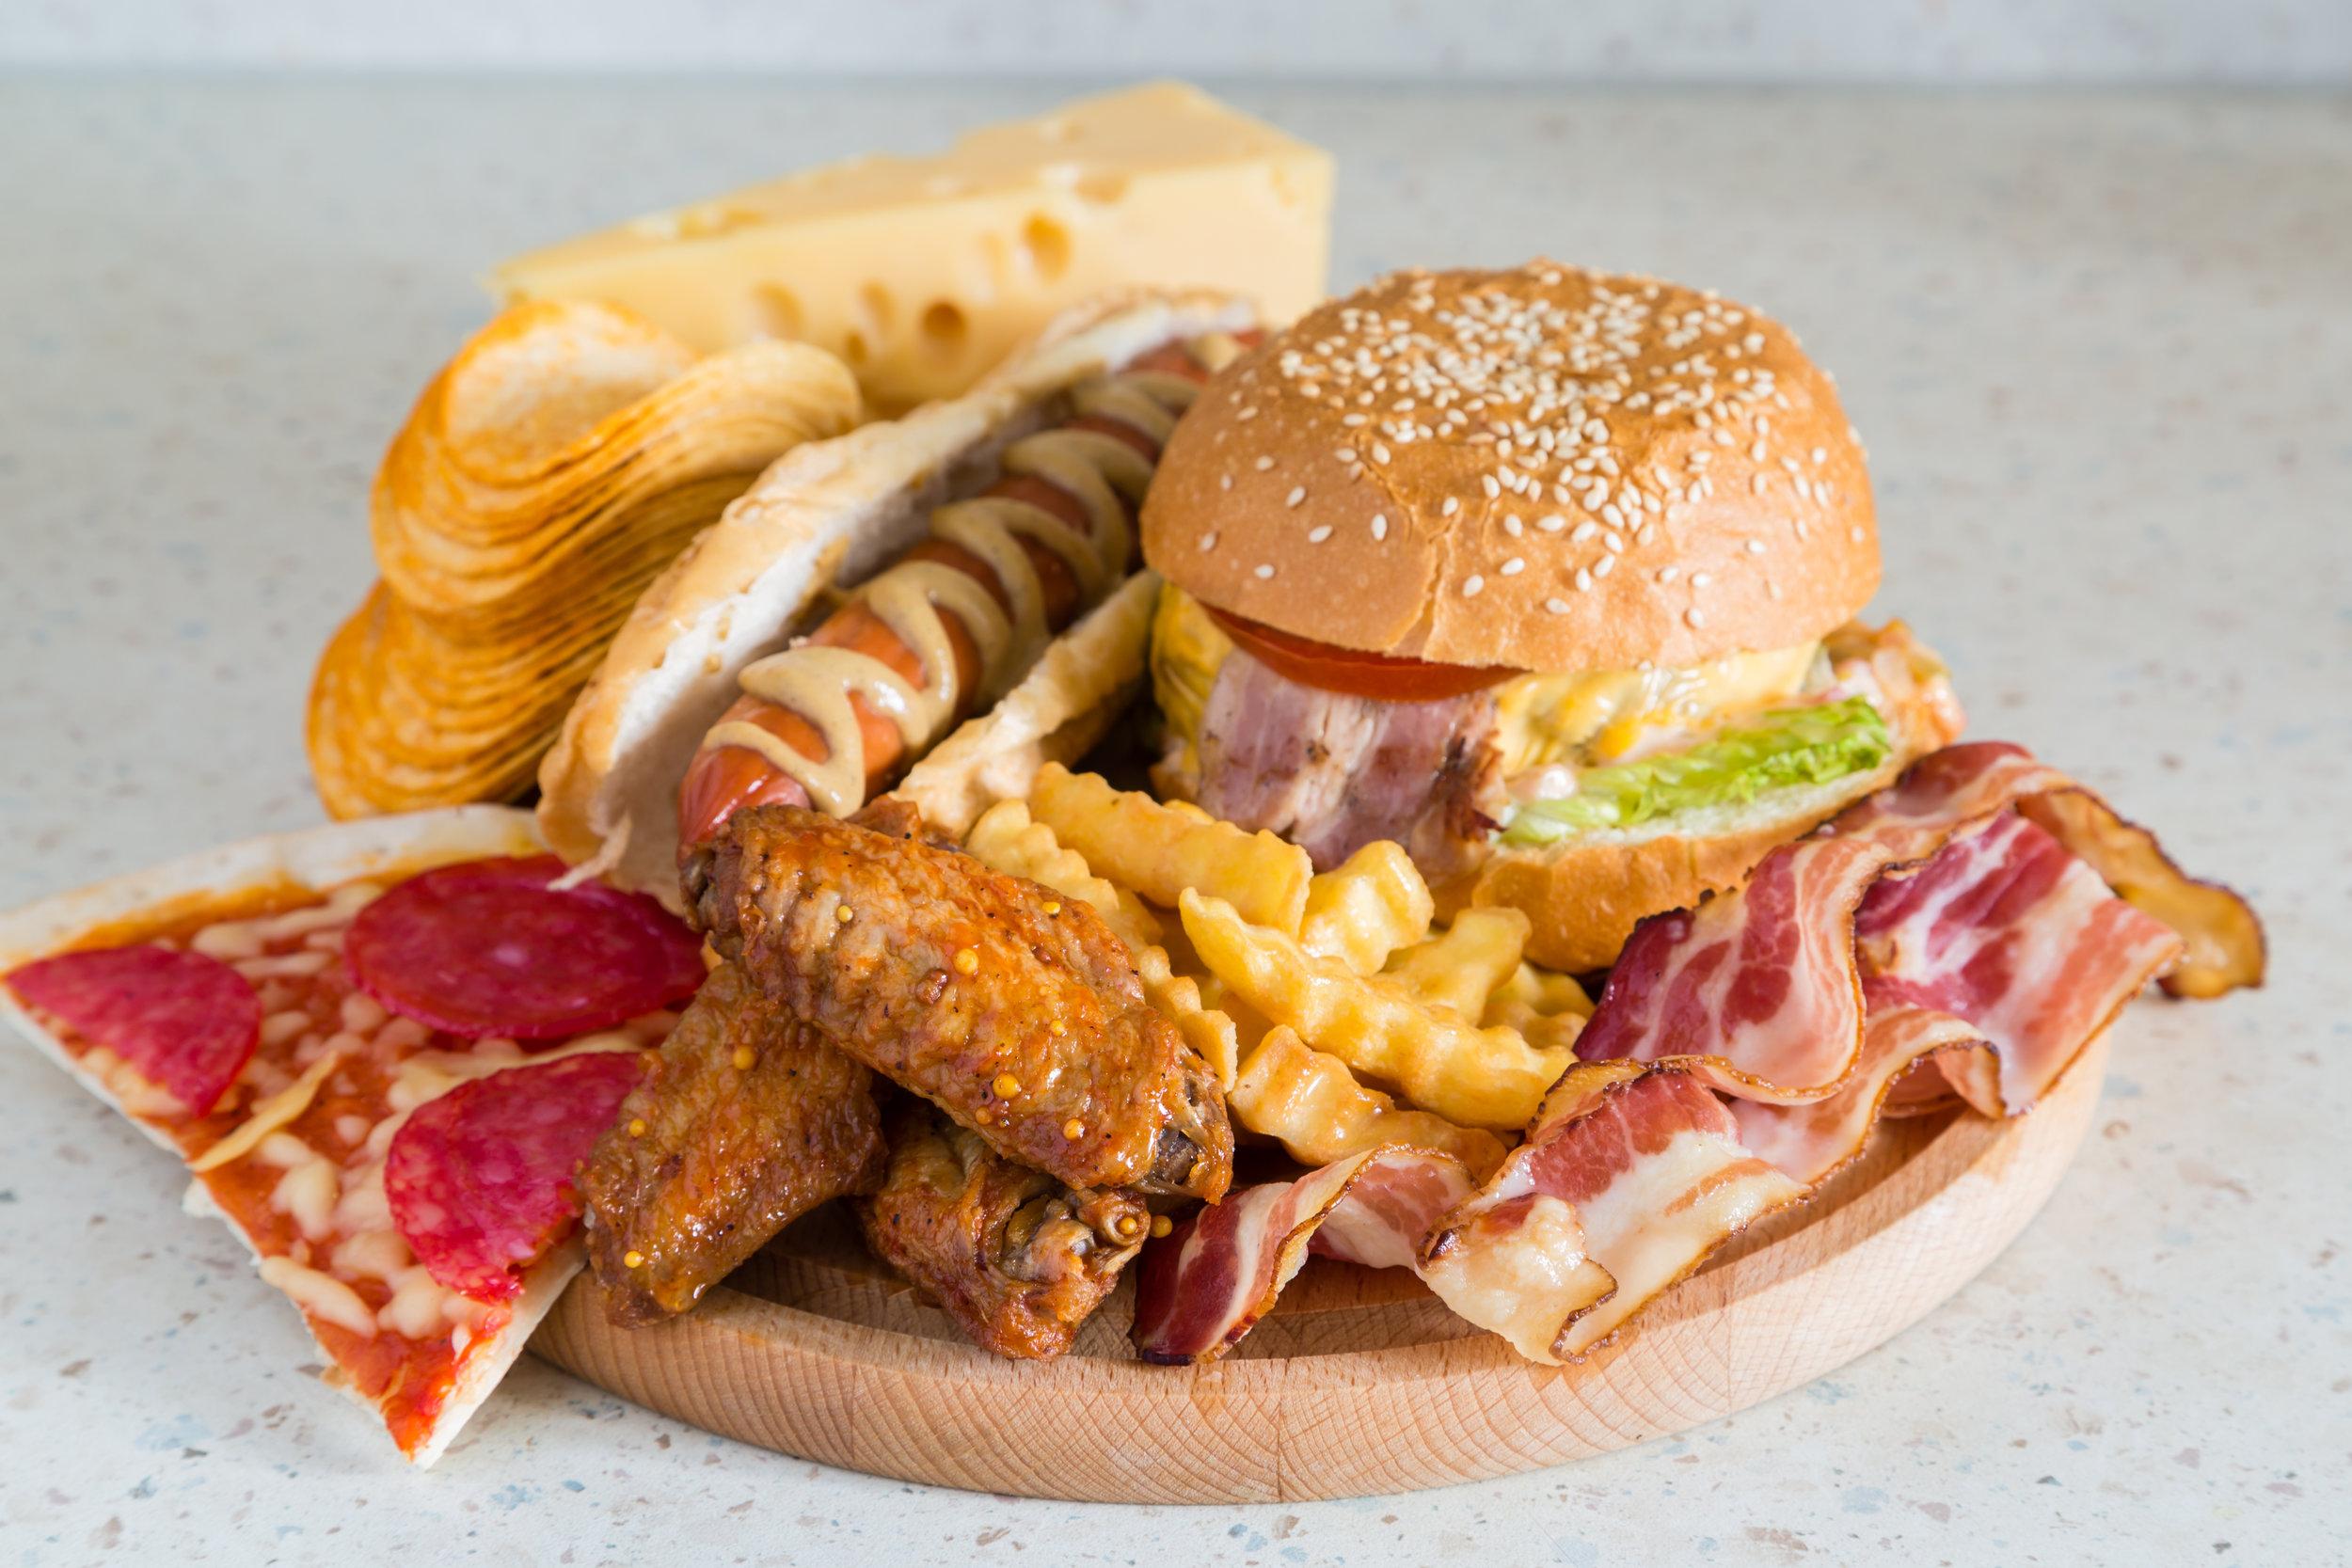 Carbs and a Prediabetic Diet